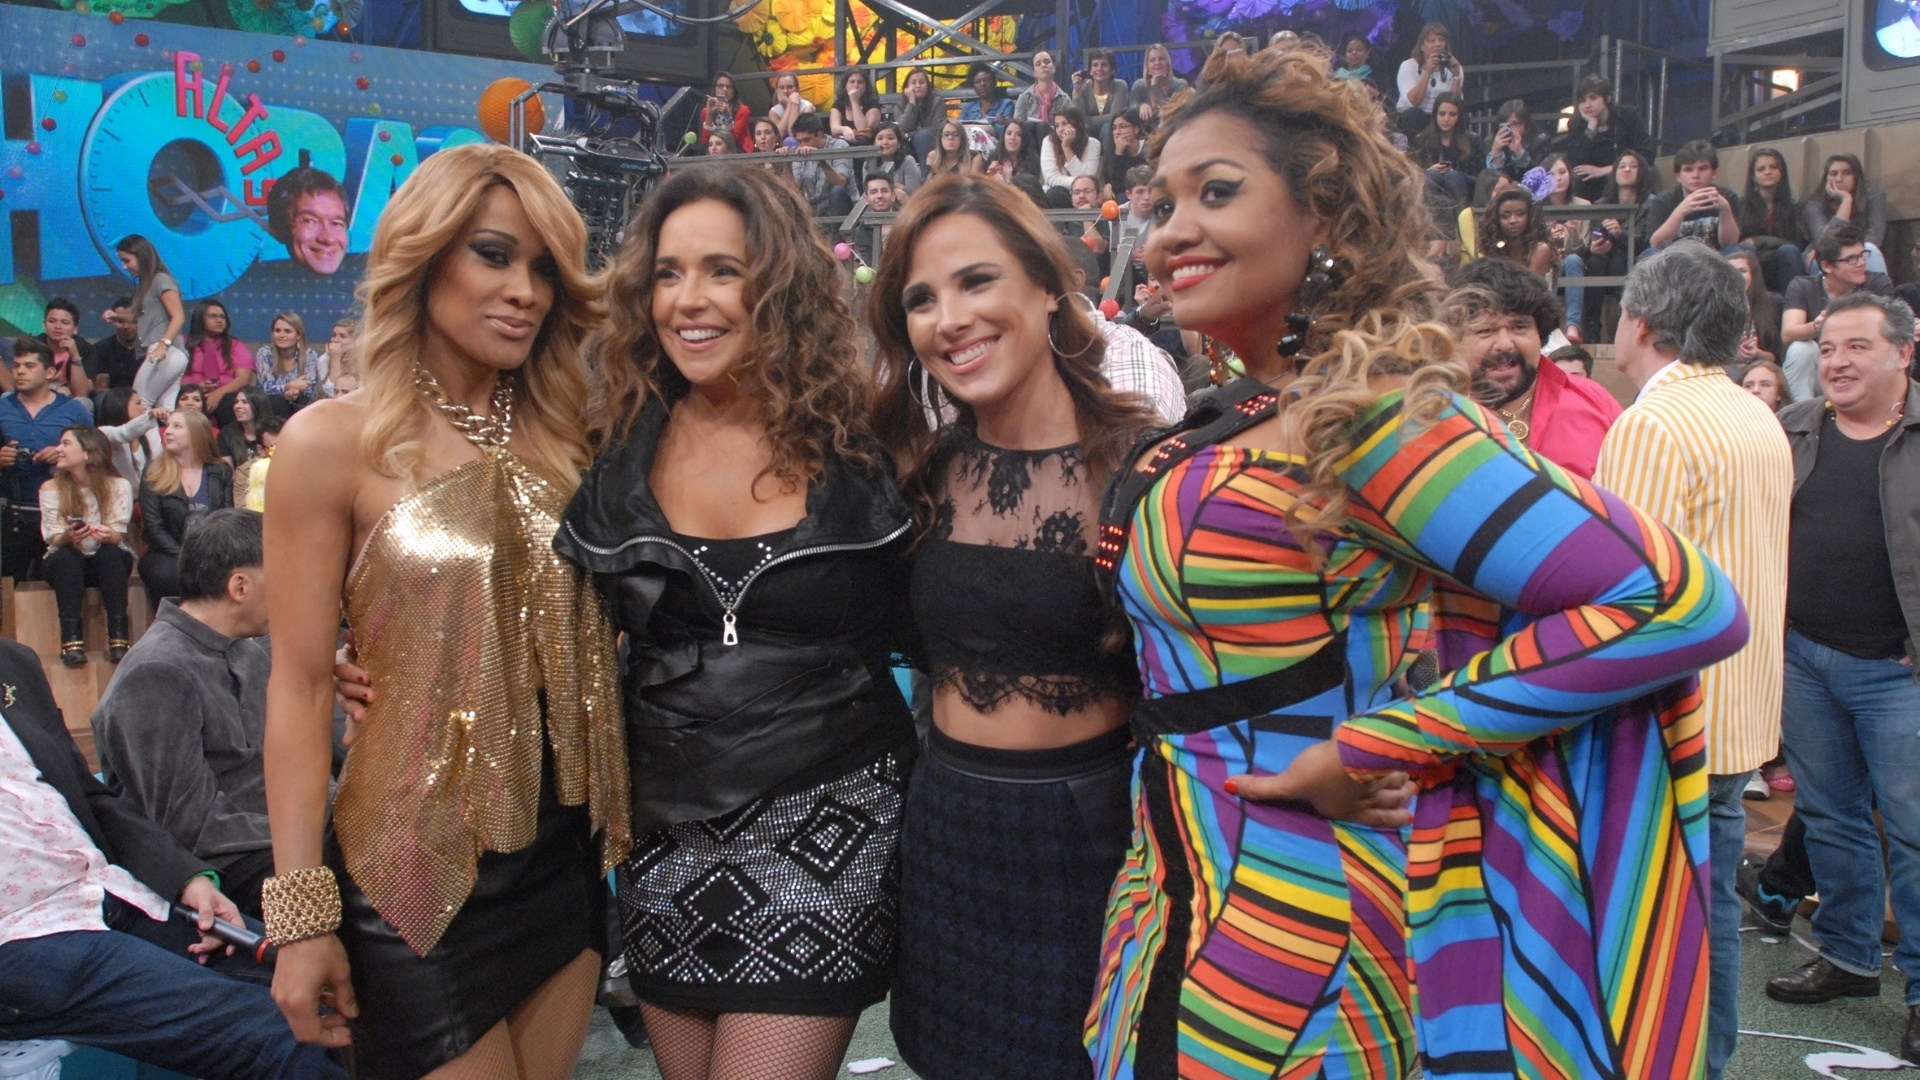 O time feminino foi representado por Leilah Moreno, Daniela Mercury, Wanessa e Gaby Amarantos